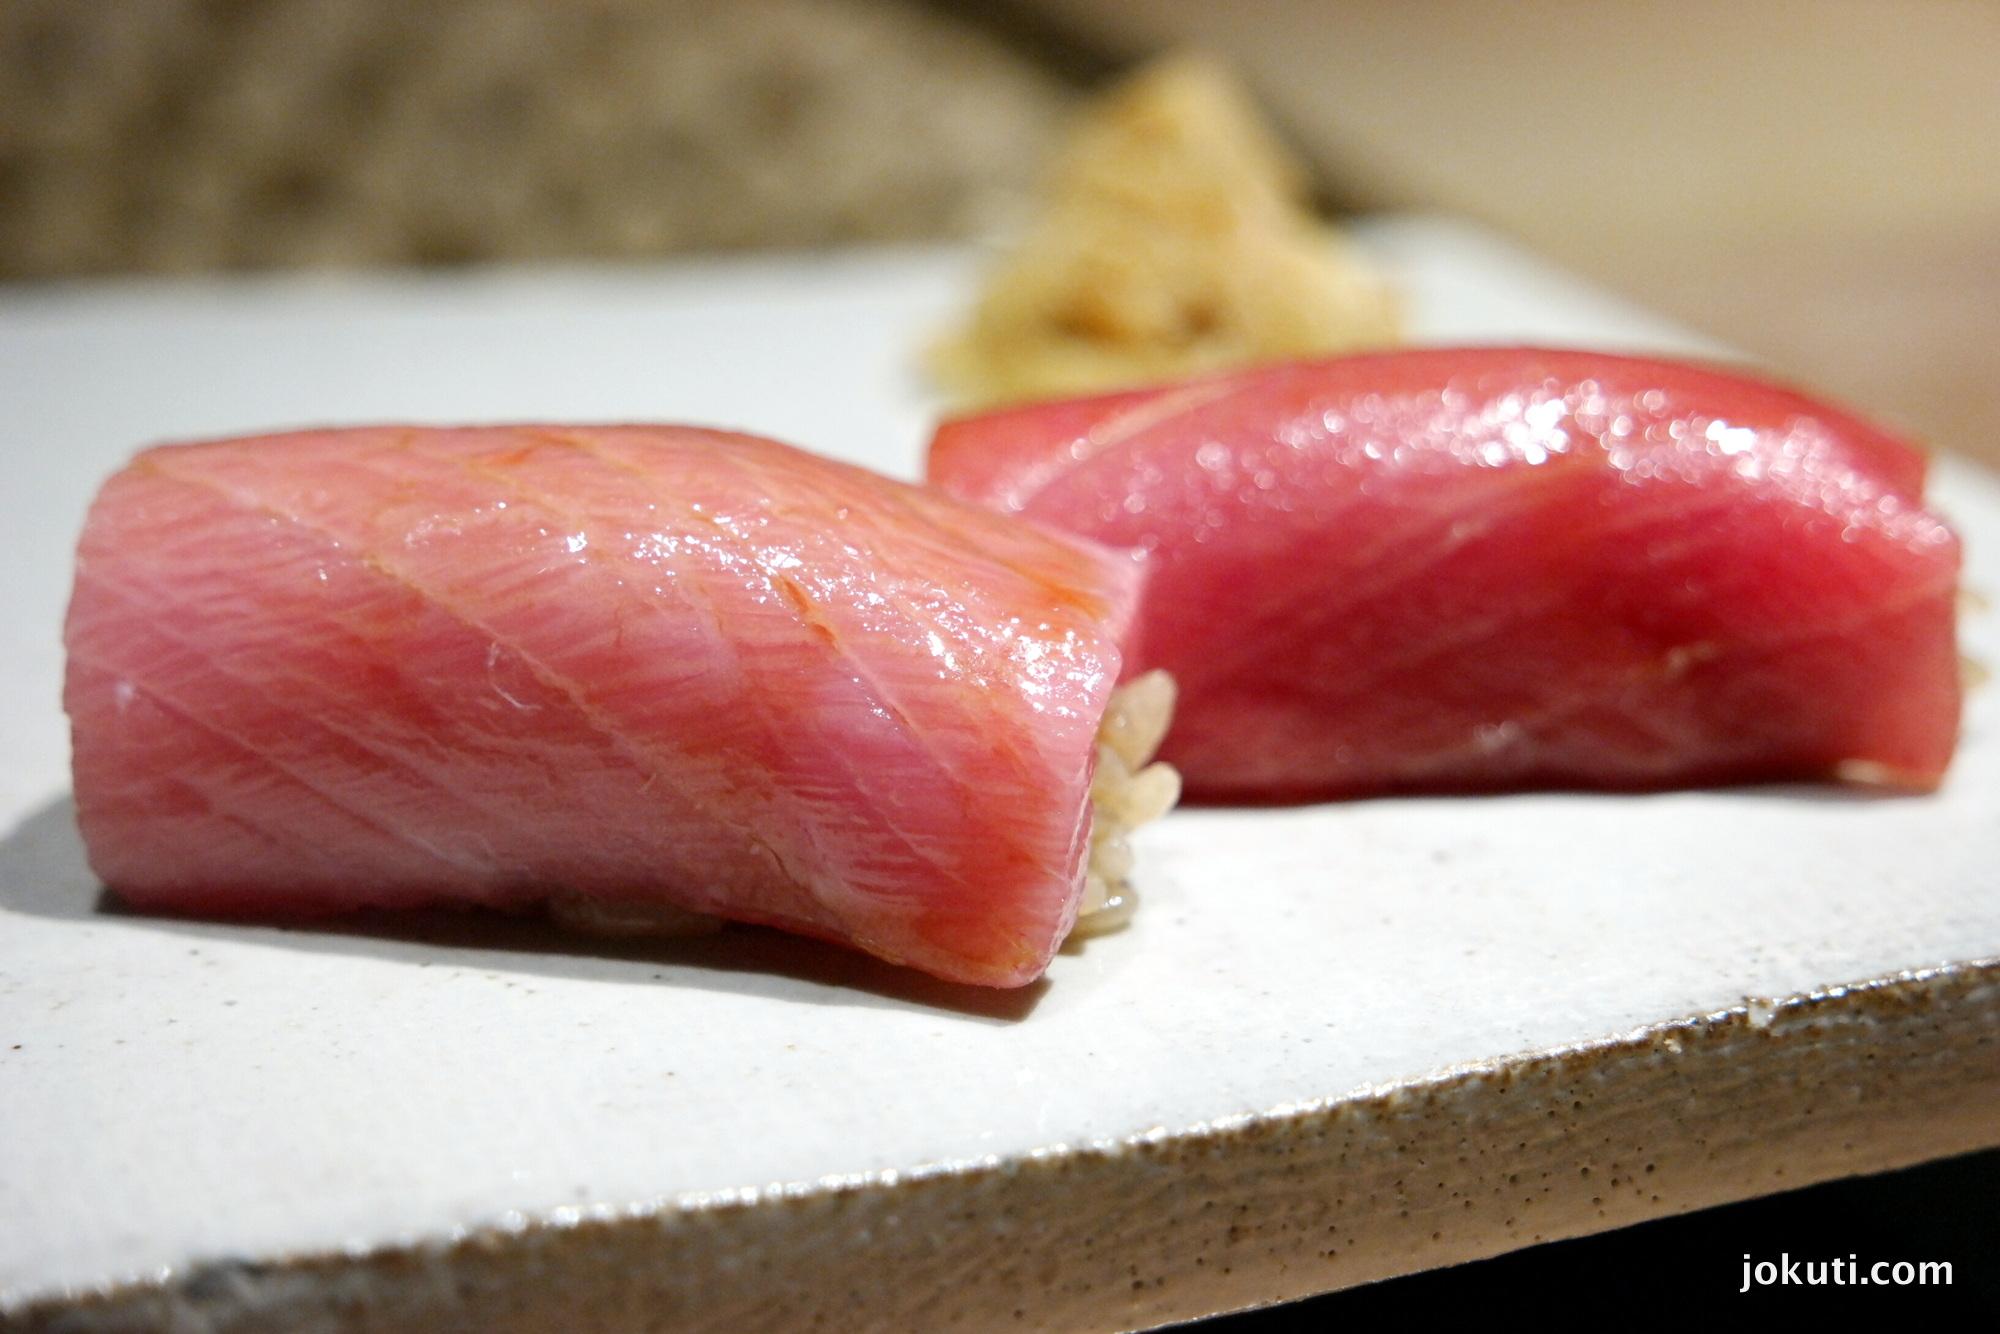 Kék úszójú tonhal toro része, natúr, illetve szójaszószban marinálva